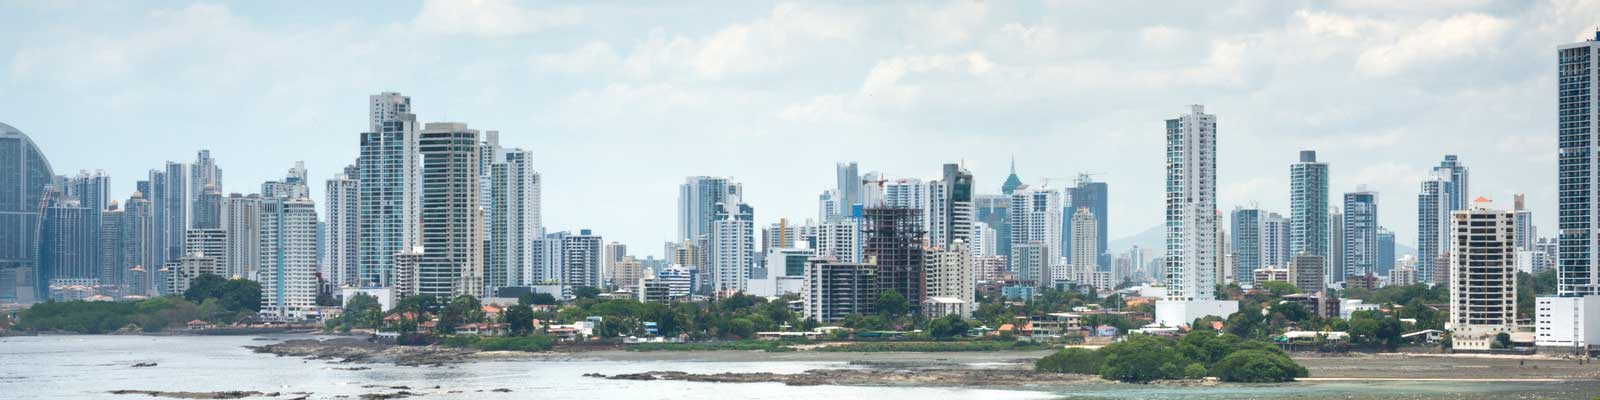 Panama Immobili - Uffici, nuove costruzioni, alberghi - Costruisci, Investi, Affitta